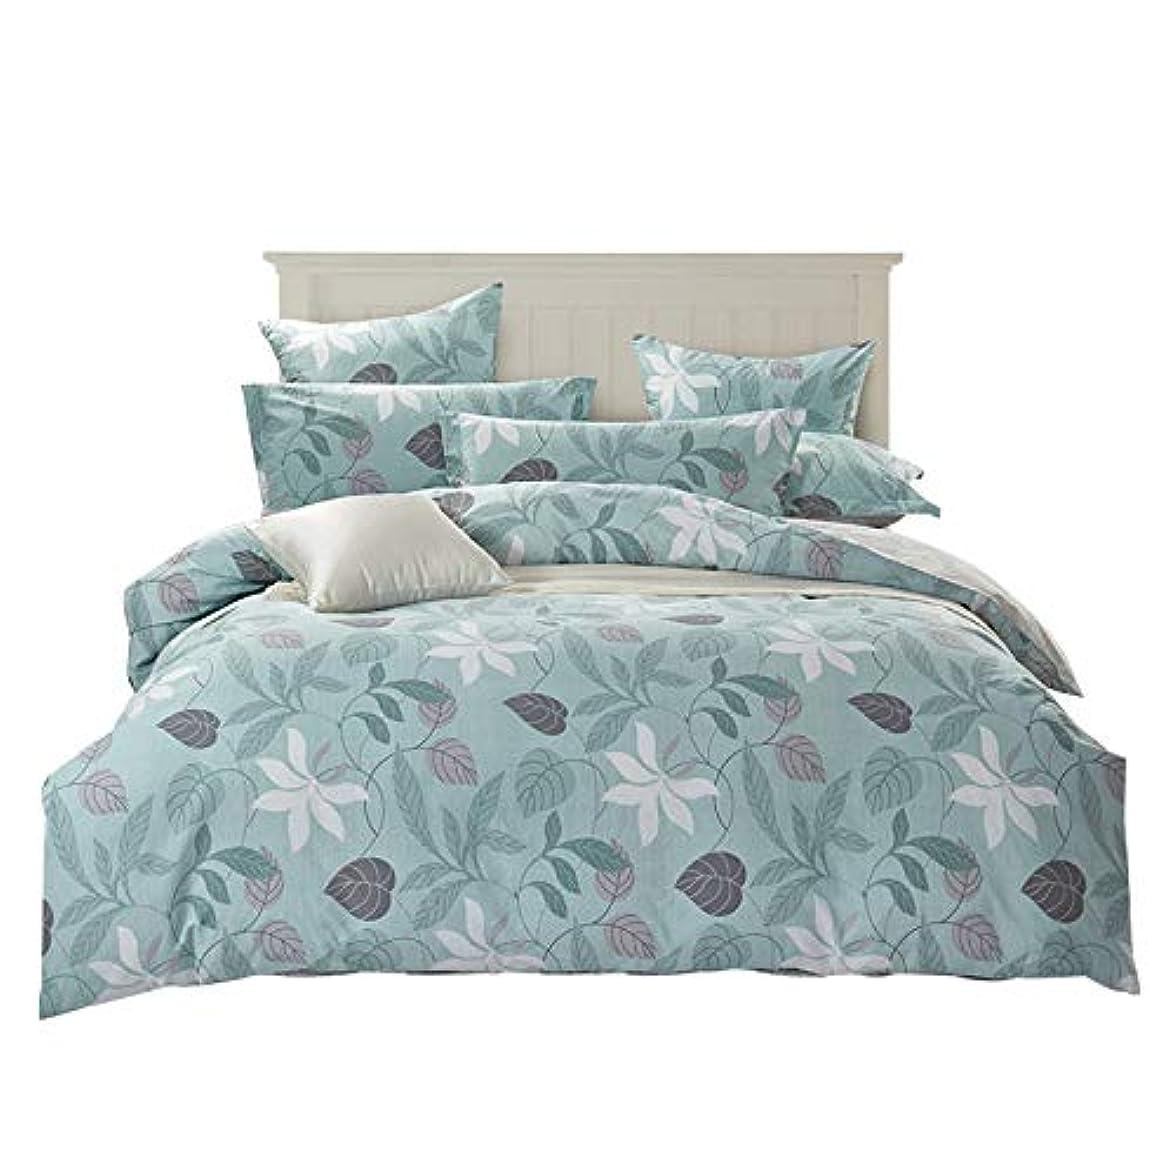 統計幻滅である田園のベッドの上の用品のメーカーが純綿の小さい清新な製品を直売して4点セットの全綿の横柄をセットするのが好きです